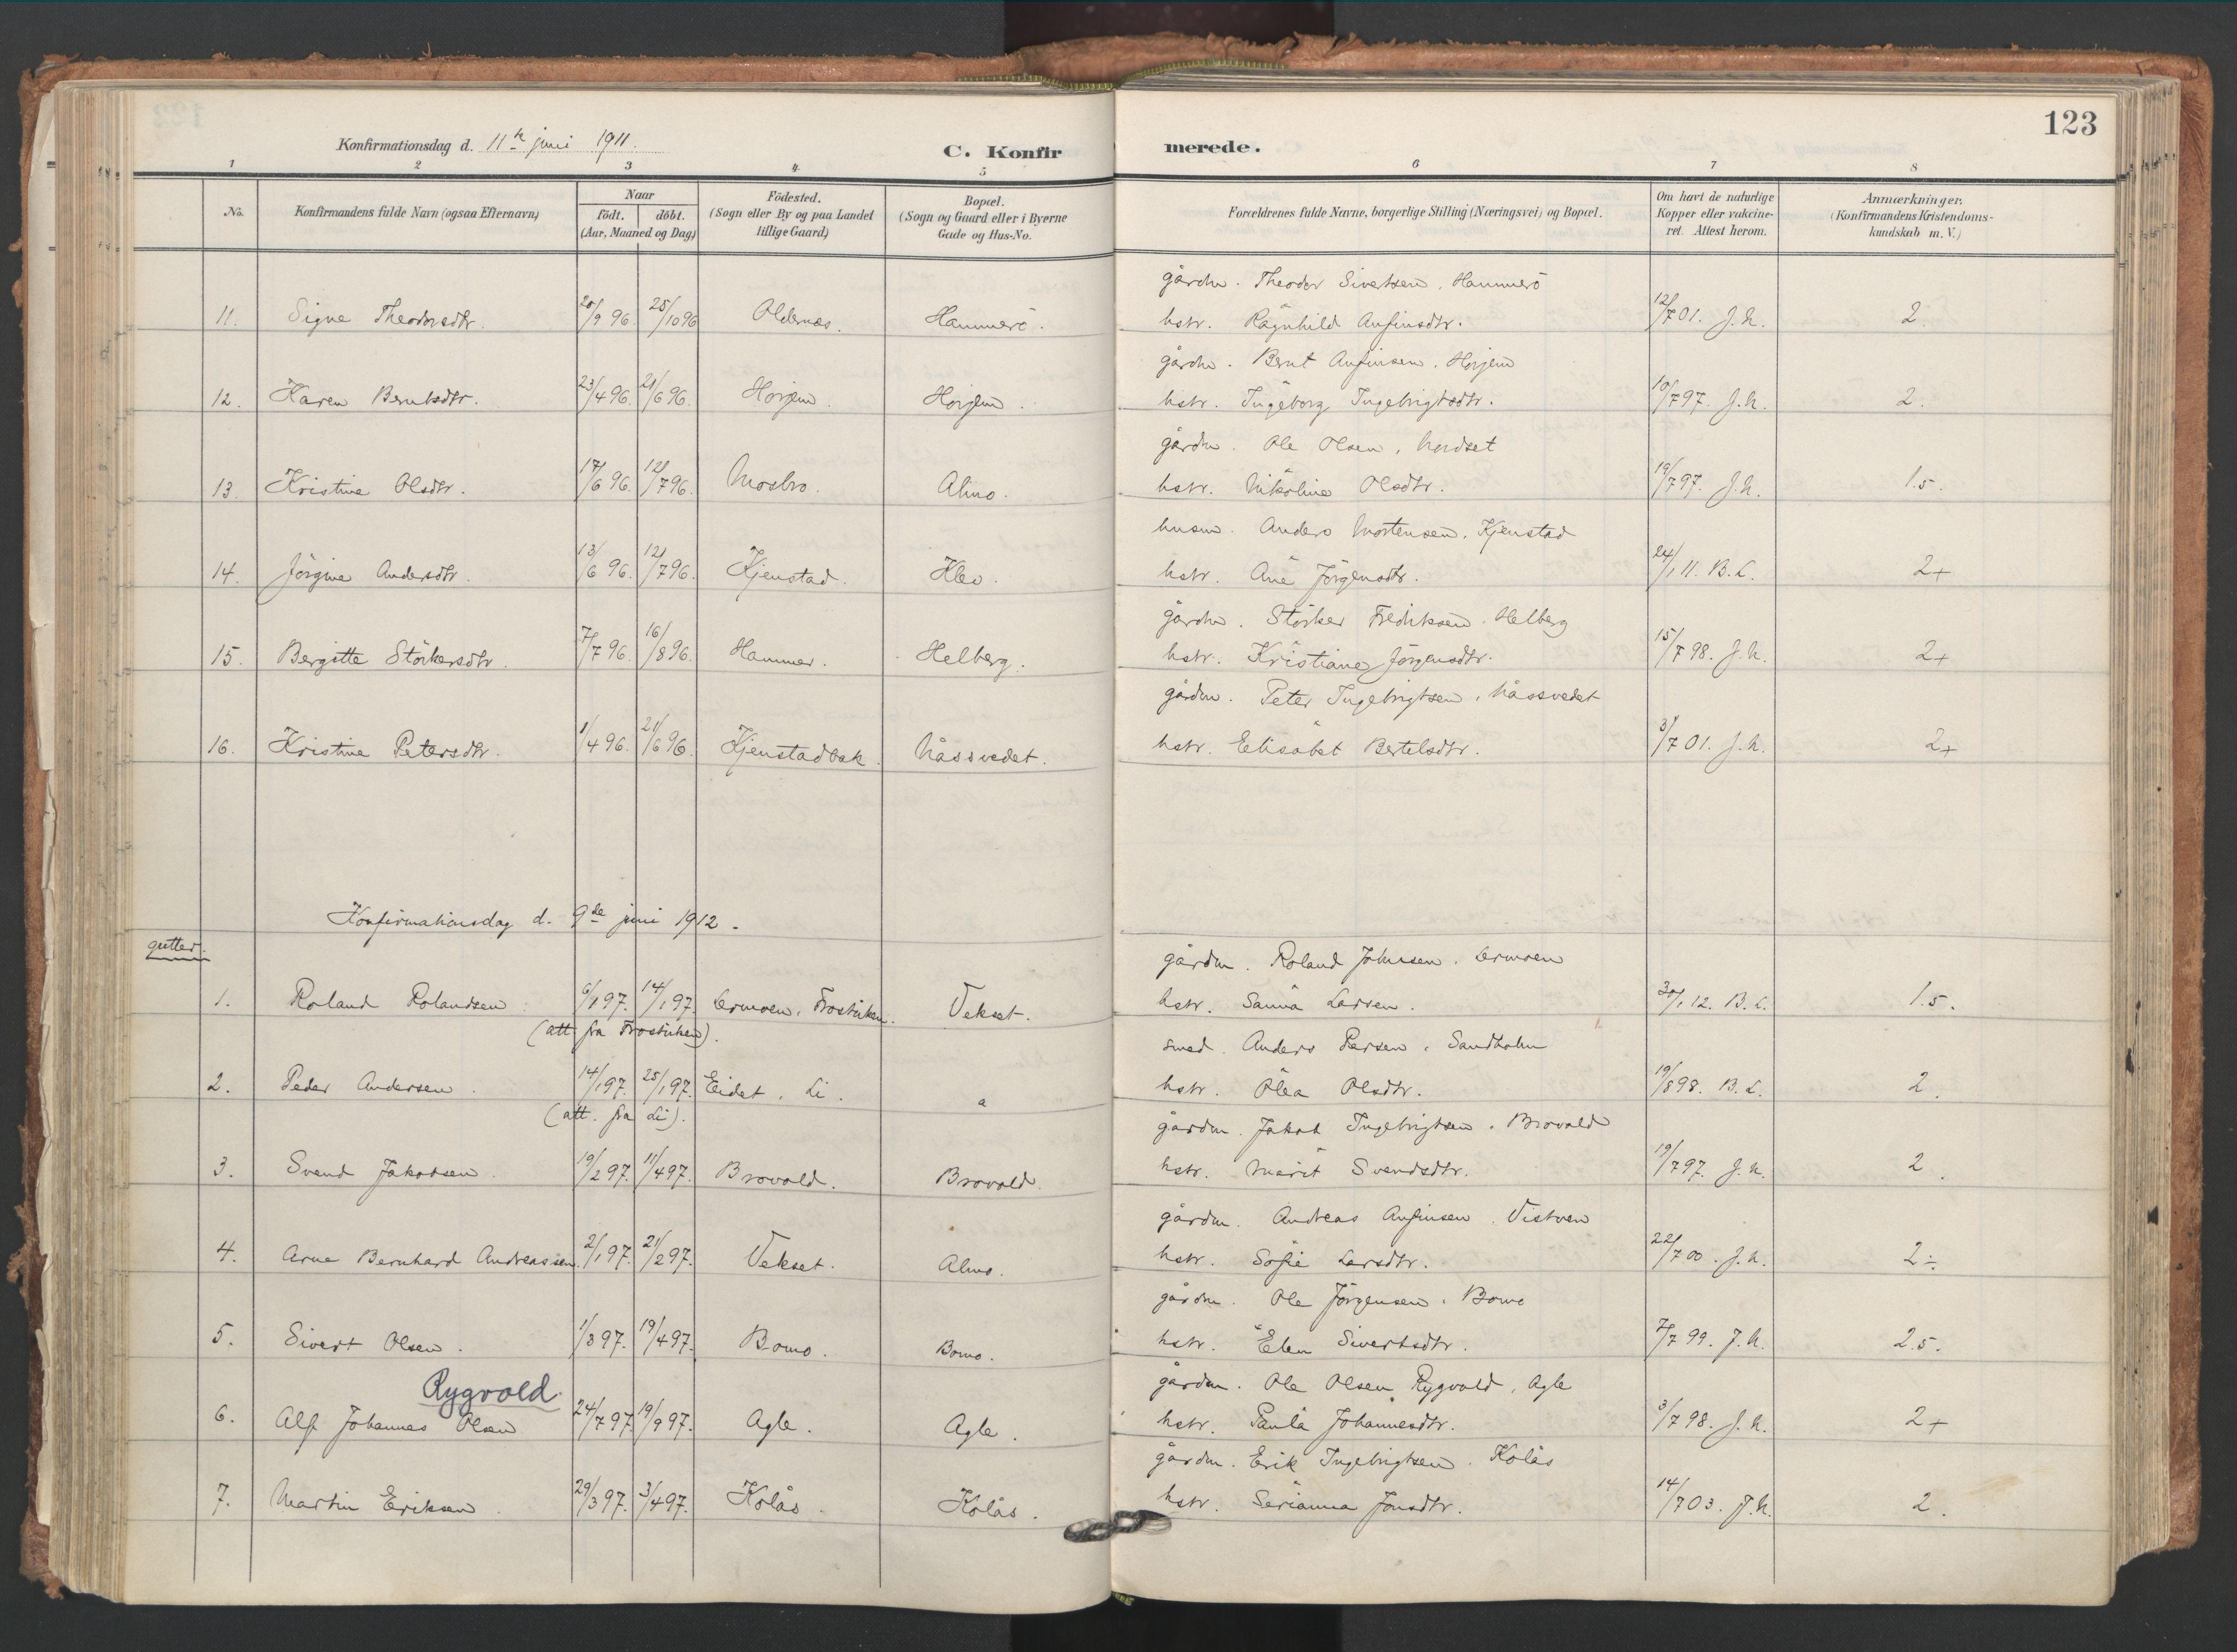 SAT, Ministerialprotokoller, klokkerbøker og fødselsregistre - Nord-Trøndelag, 749/L0477: Ministerialbok nr. 749A11, 1902-1927, s. 123